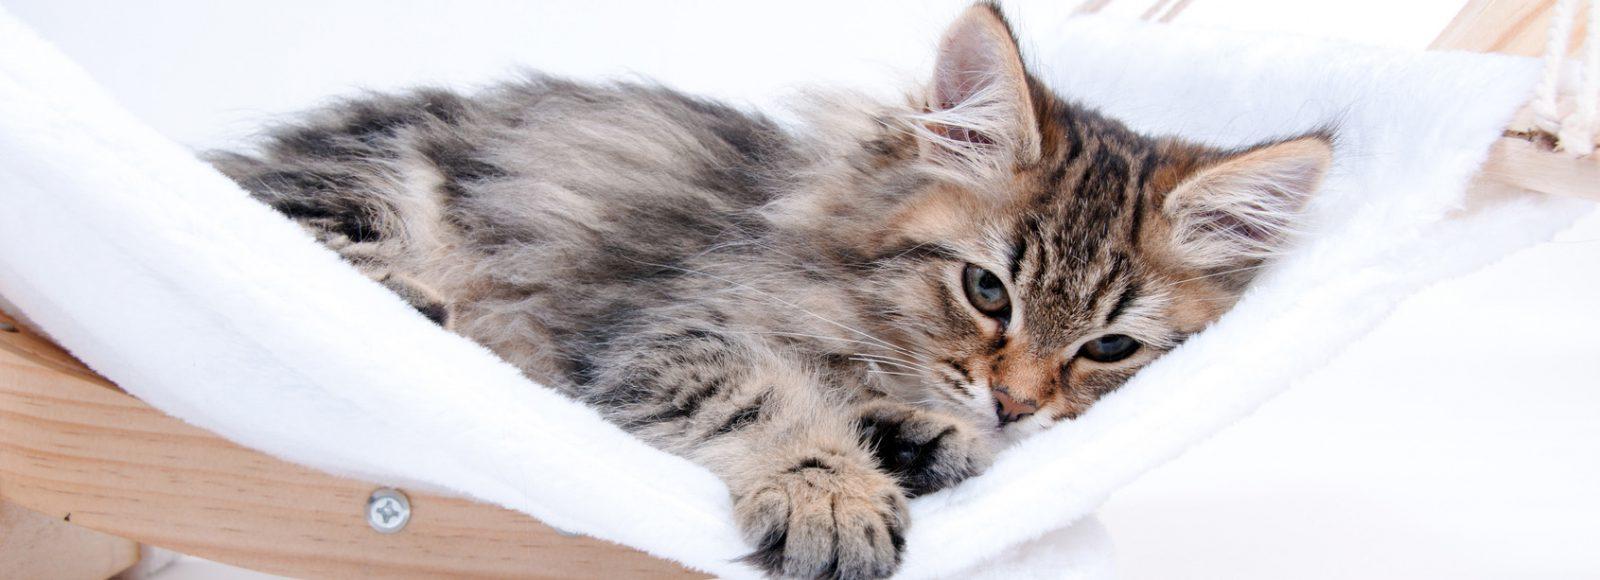 Katzenbaby in er Hngematte